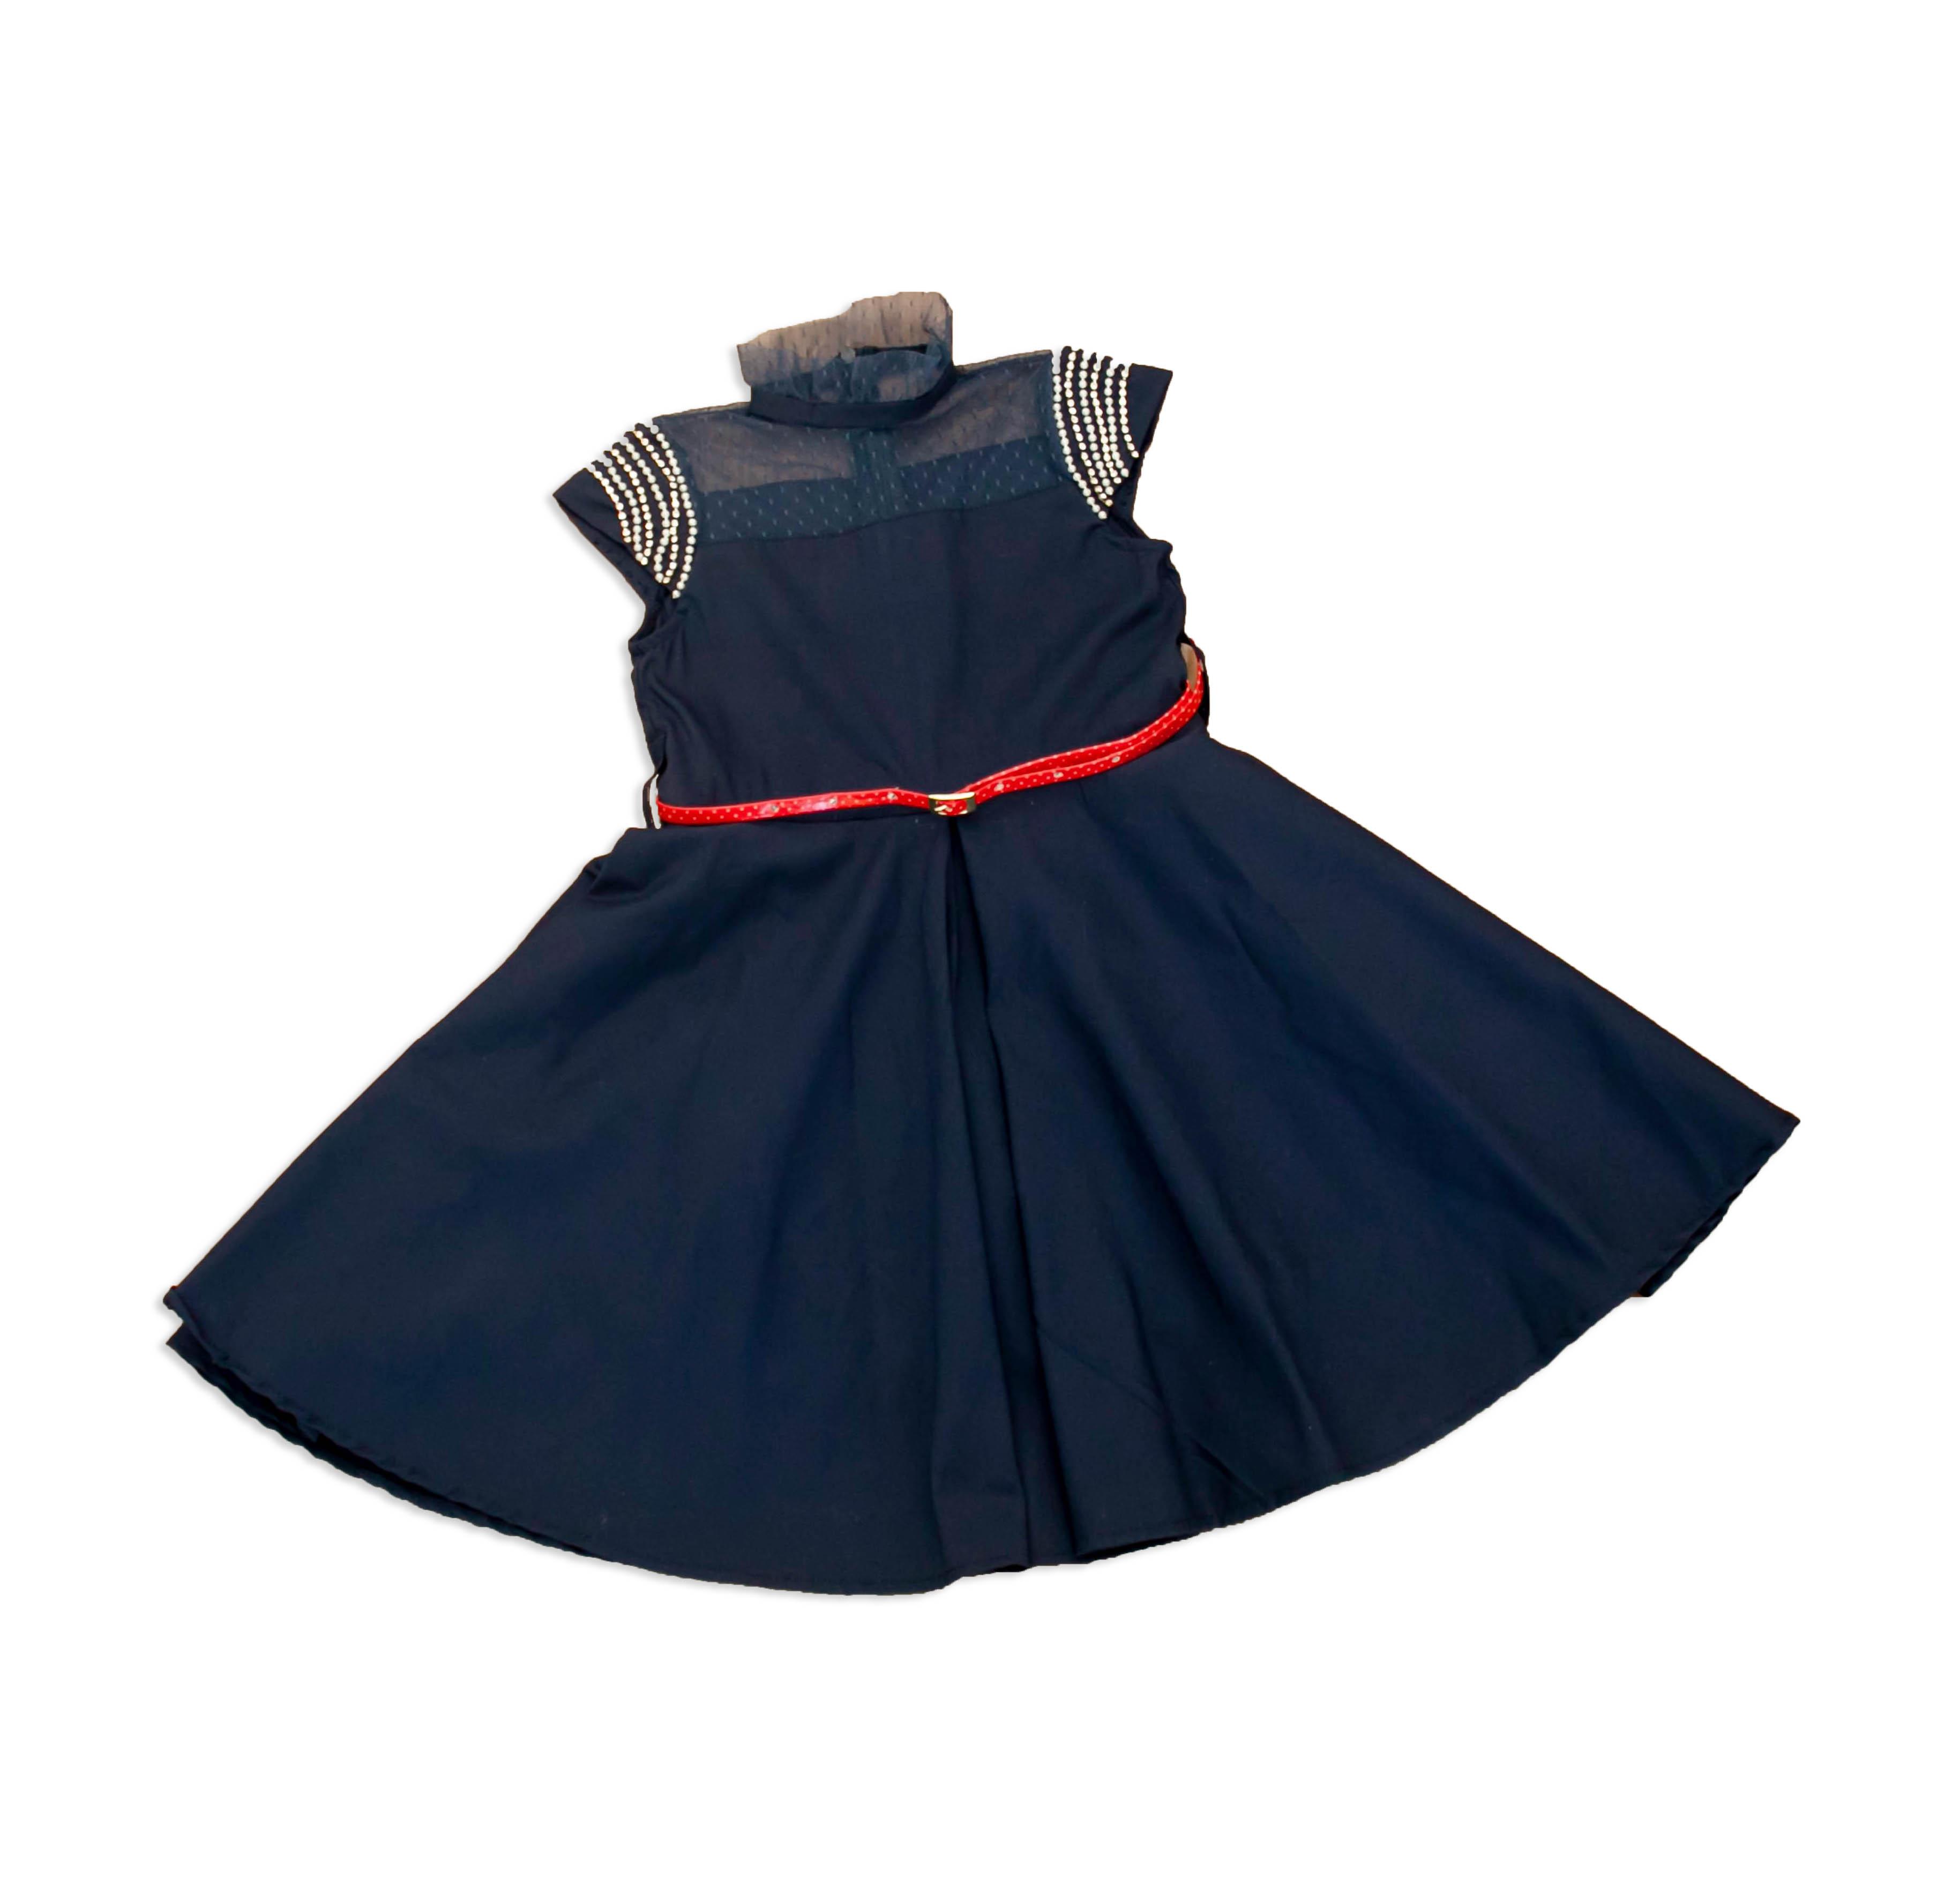 Vestido azul marinho de tafeta